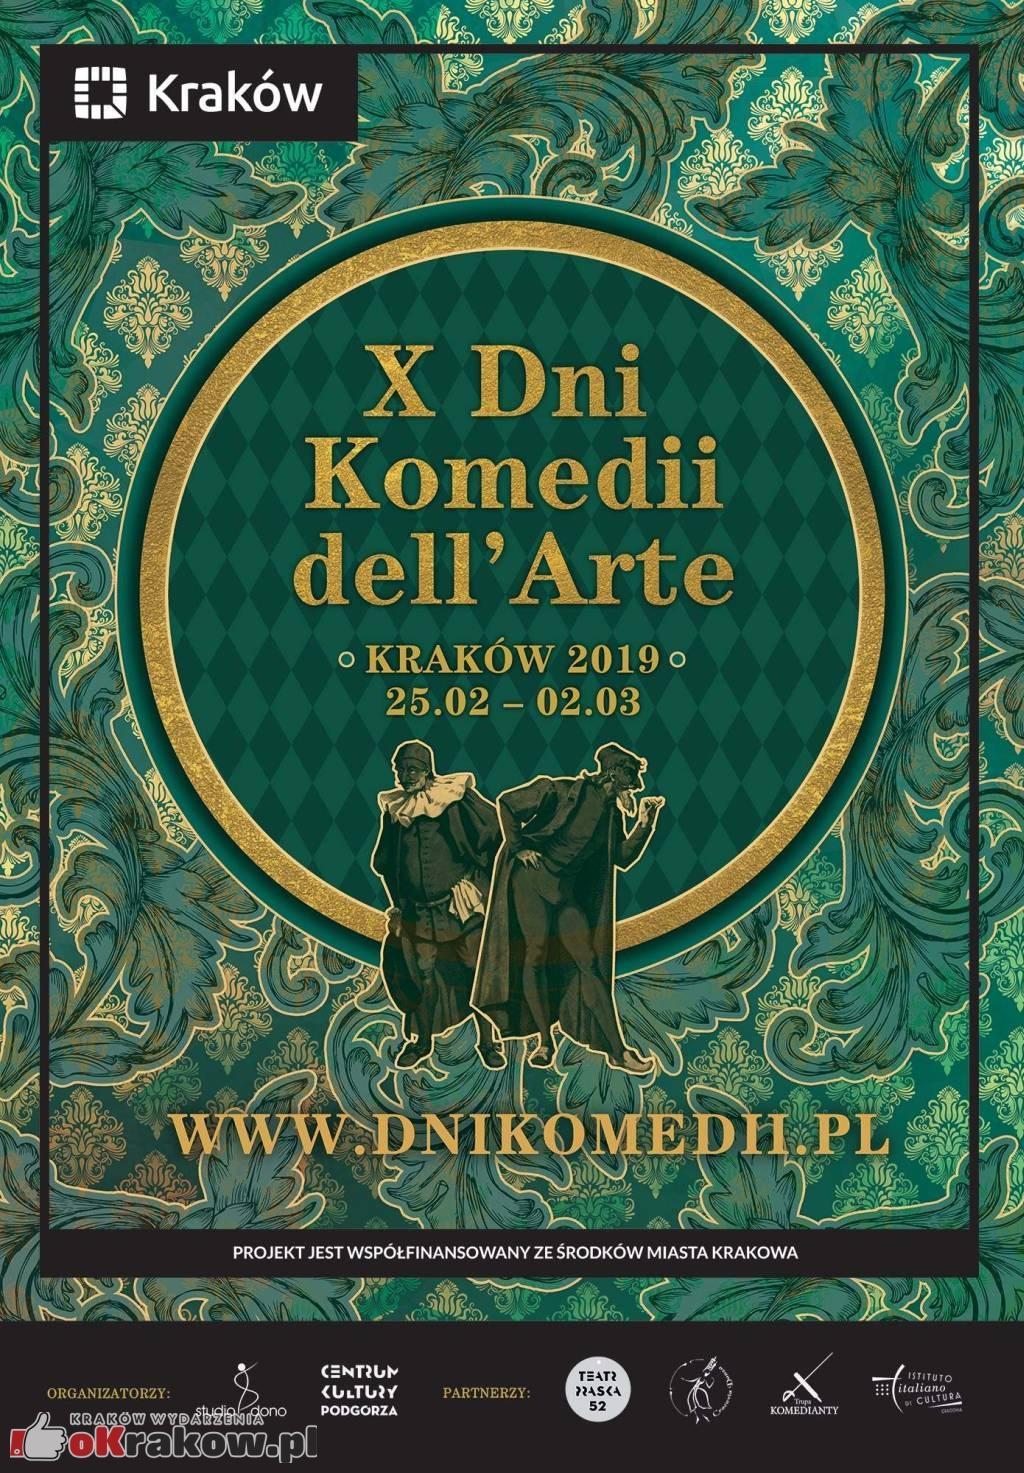 Jubileuszowa edycja Dni Komedii dell'Arte w Krakowie !